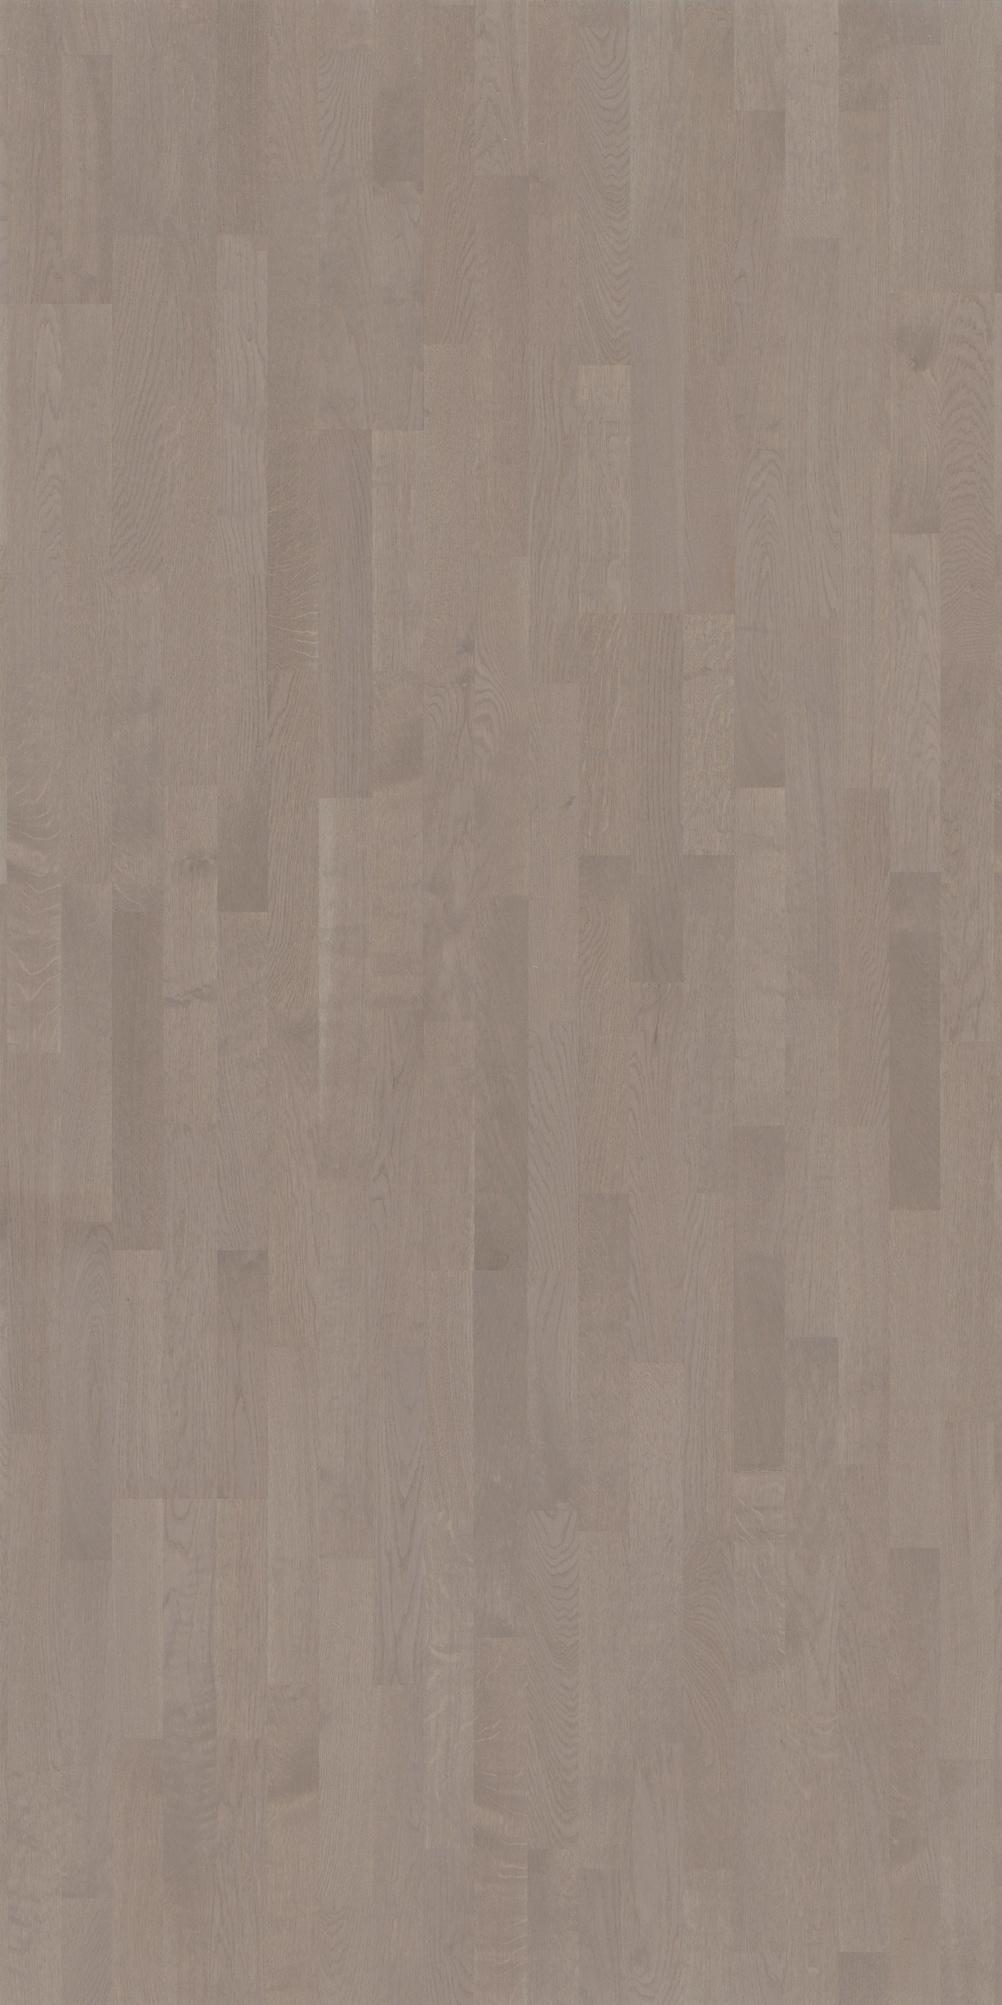 PARADOR Parkett »Classic 3060 Living - Eiche Graphit«, 2200 x 185 mm, Stärke: 13 mm, 3, 66 m² | Baumarkt > Bodenbeläge > Parkett | Grau | Eiche - Lackiert | PARADOR